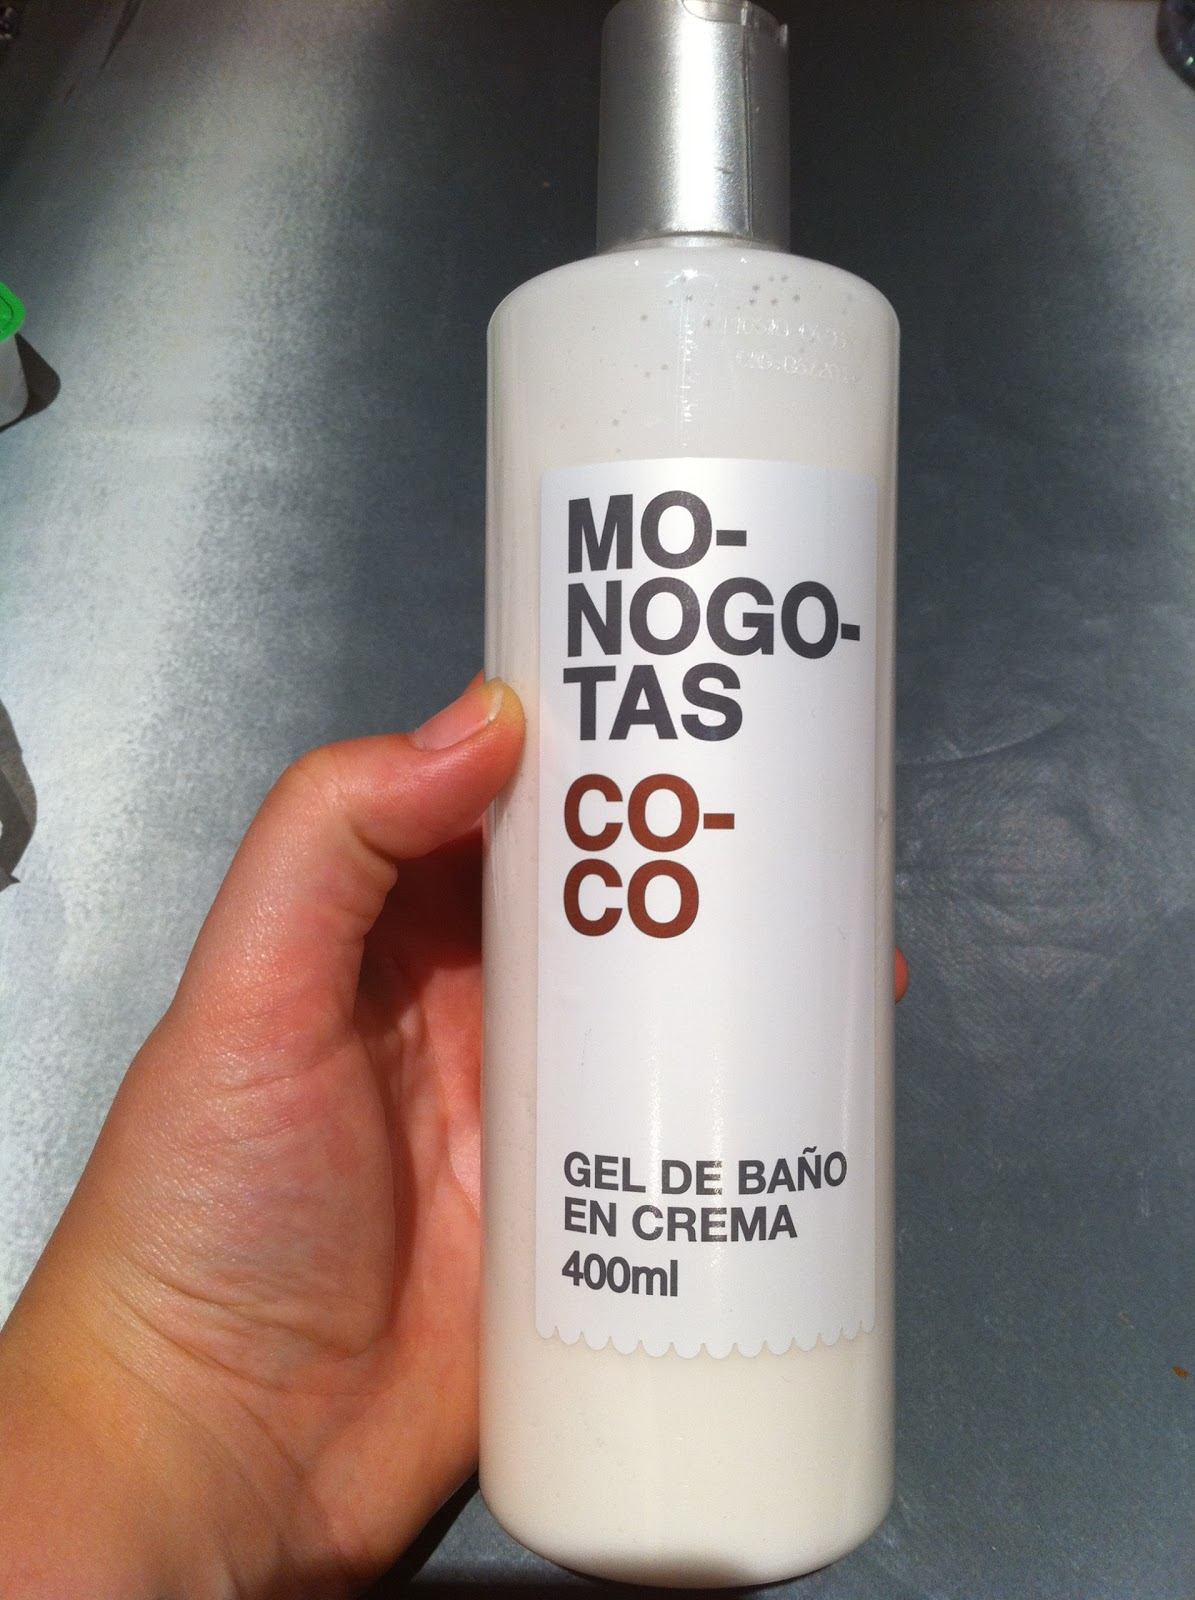 Porque Mi Baño Huele Feo:Missisters: Gel de baño Monogotas de Mercadona